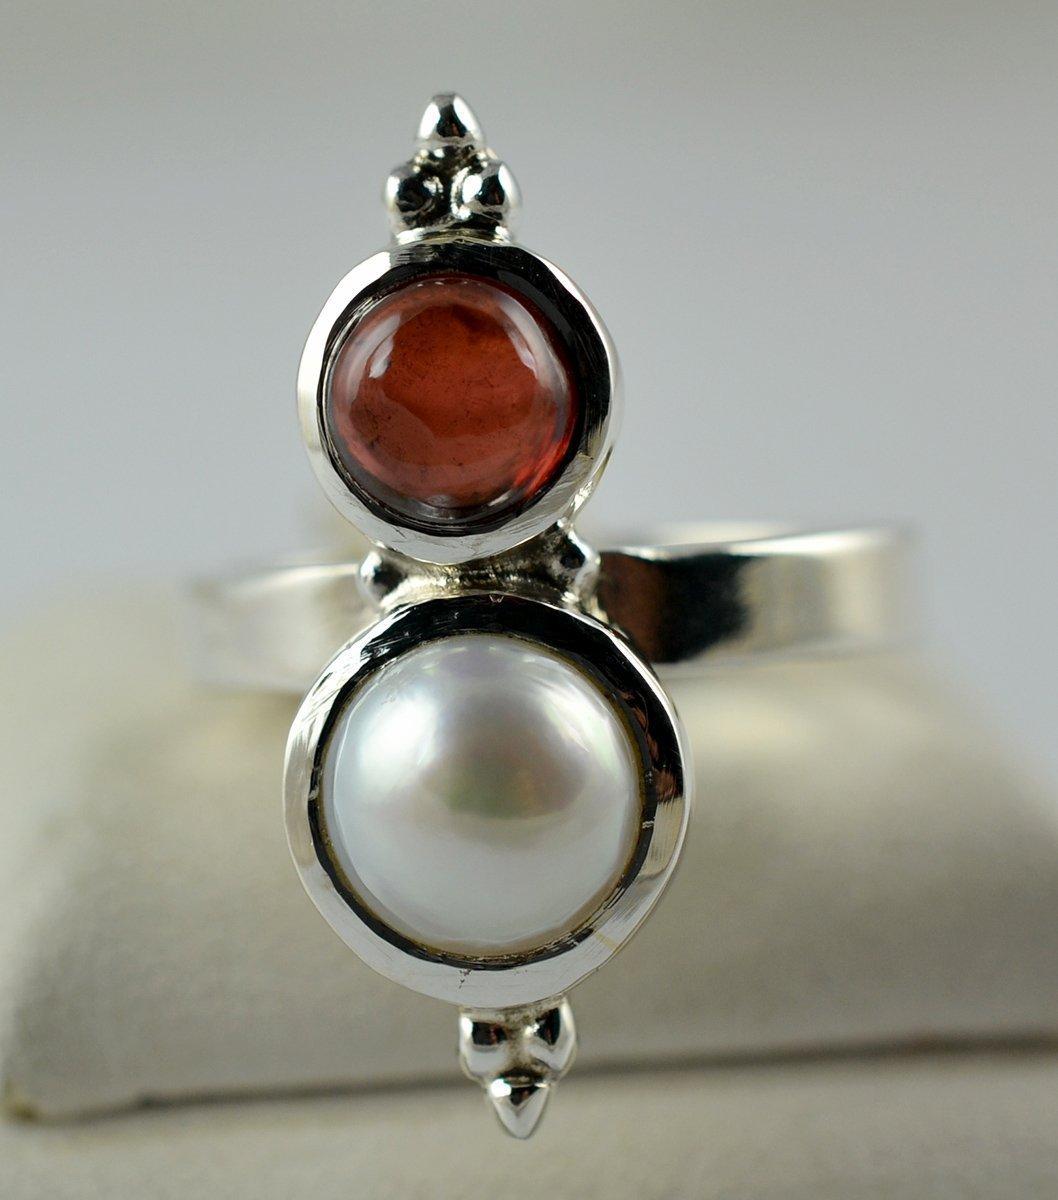 Perla de agua dulce, anillo de granate 925 joyas de plata hechas a mano, tamaño 4 a 29 ES